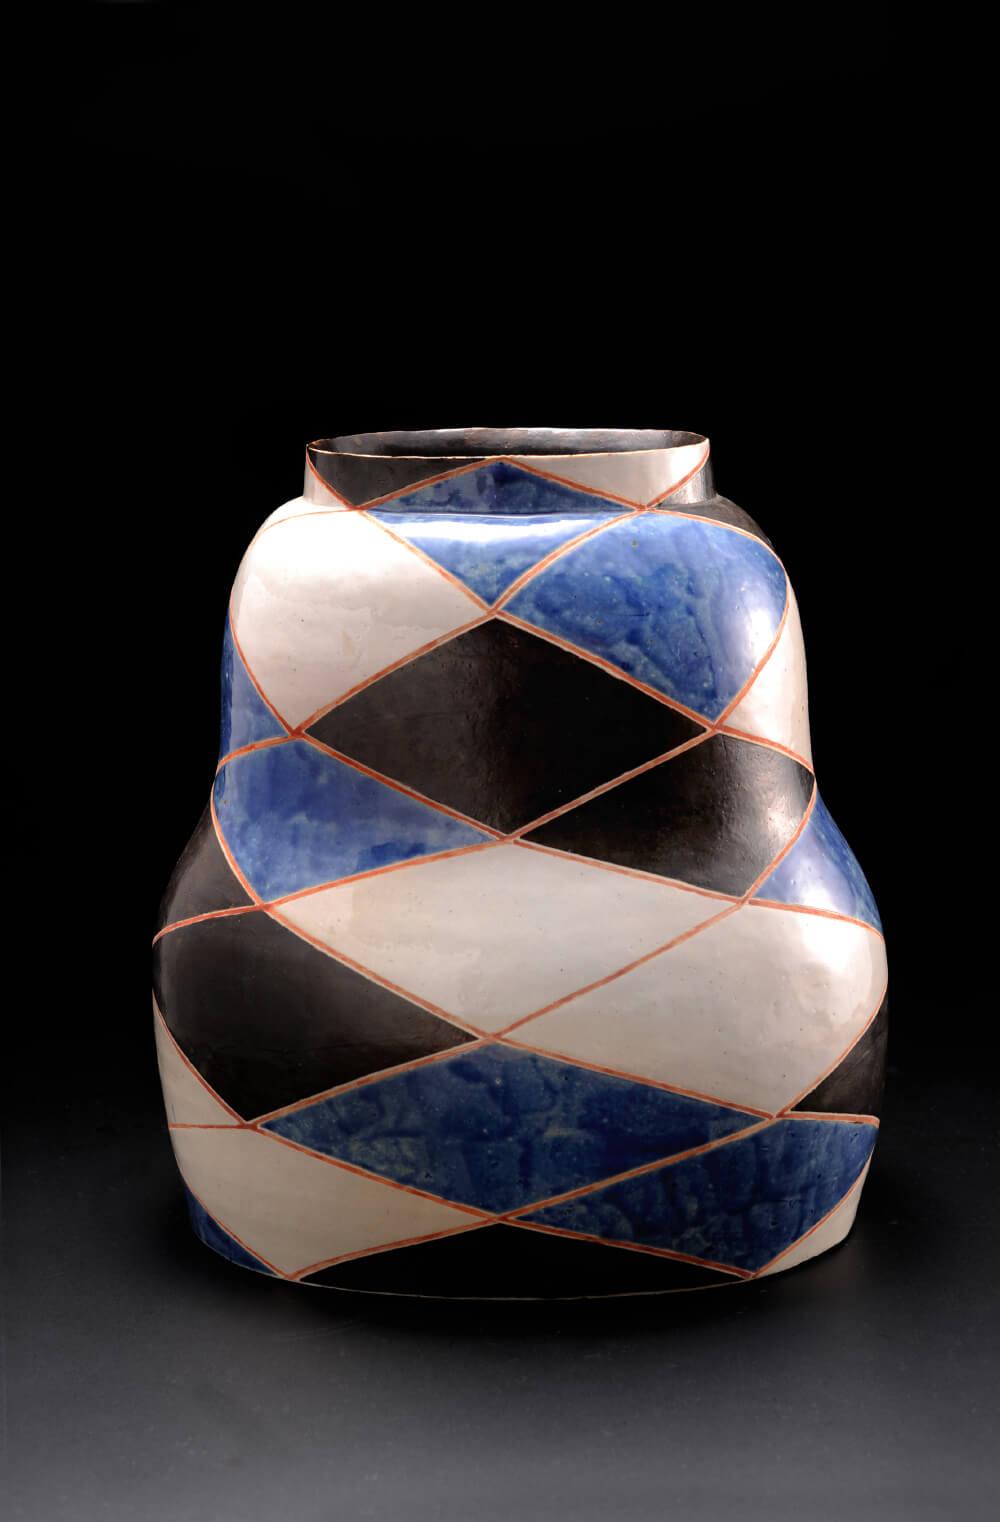 2015年12月5日から開催の「河本 五郎・加守田 章二 展」の加守田 章二の作品02